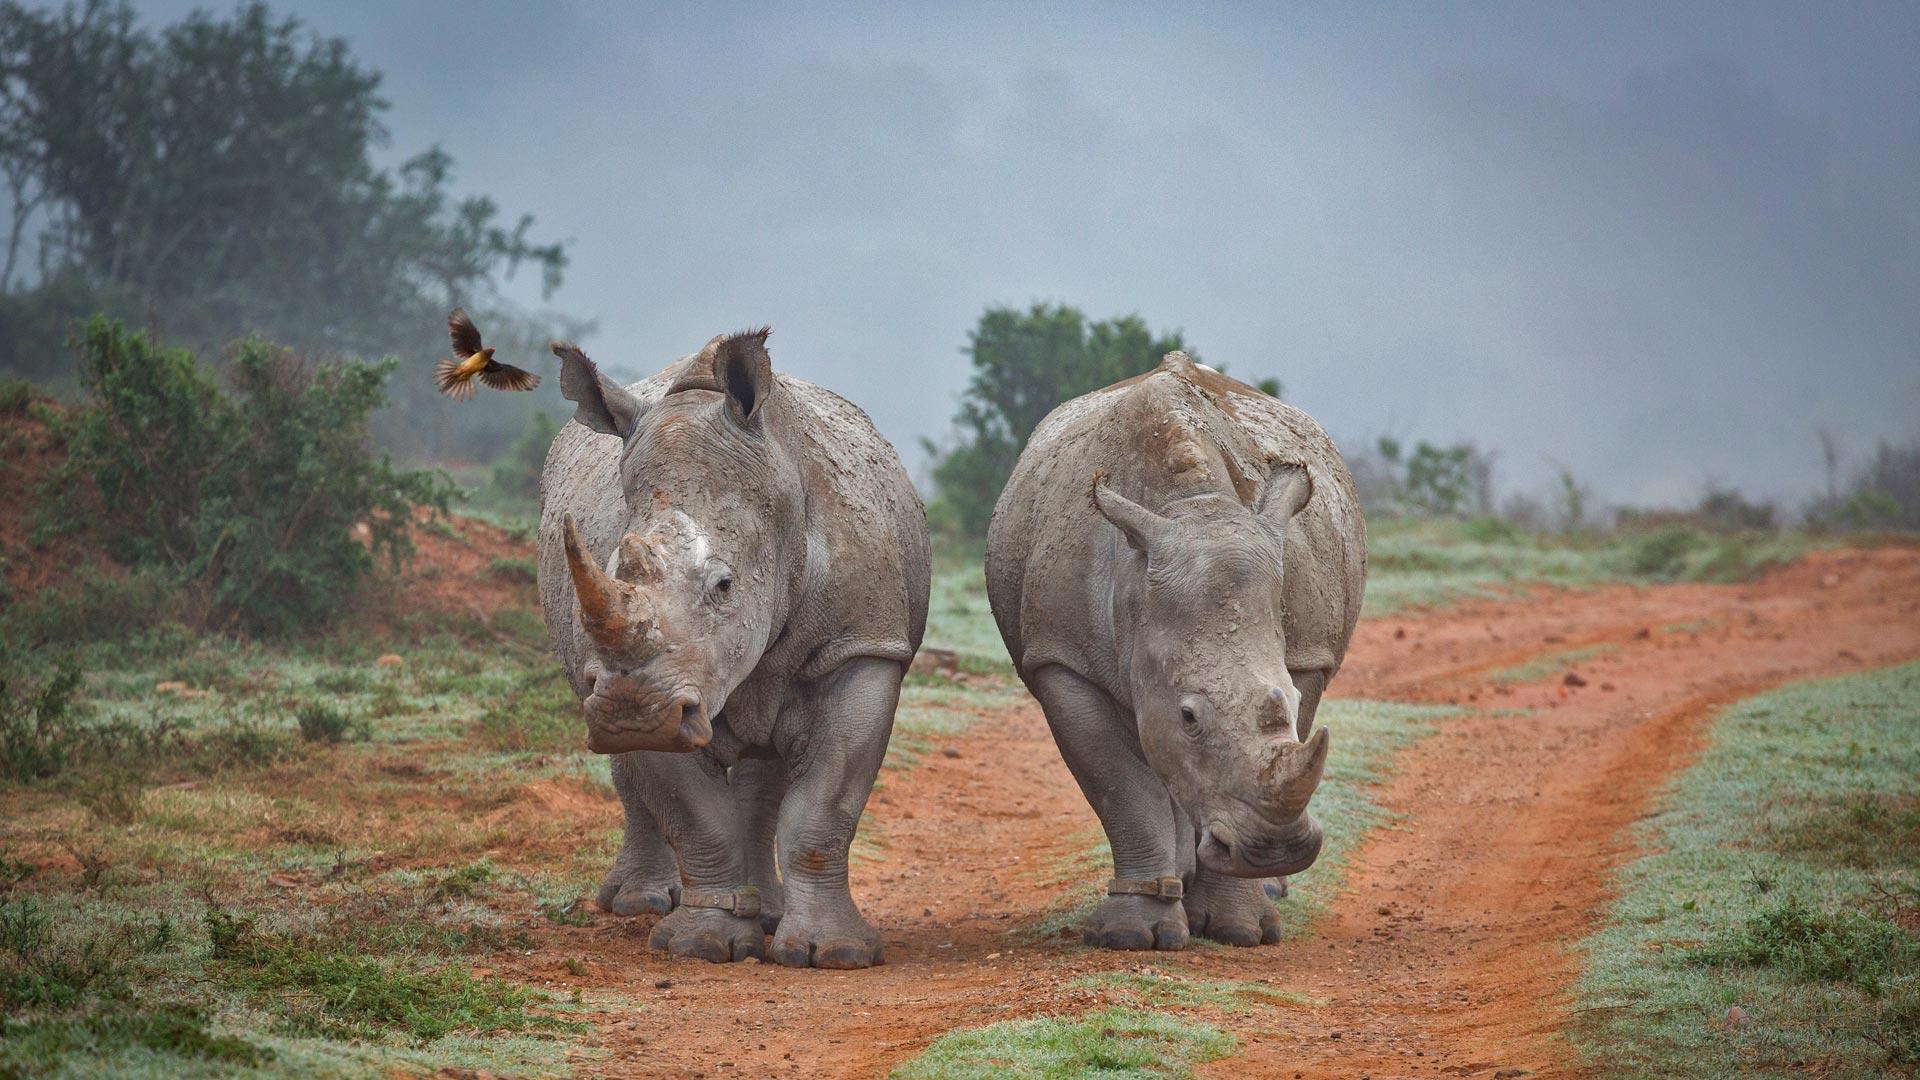 「サイとウシツツキ」南アフリカ, アマカーラ生物保護区 (© Robert Harding World Imagery/Offset)